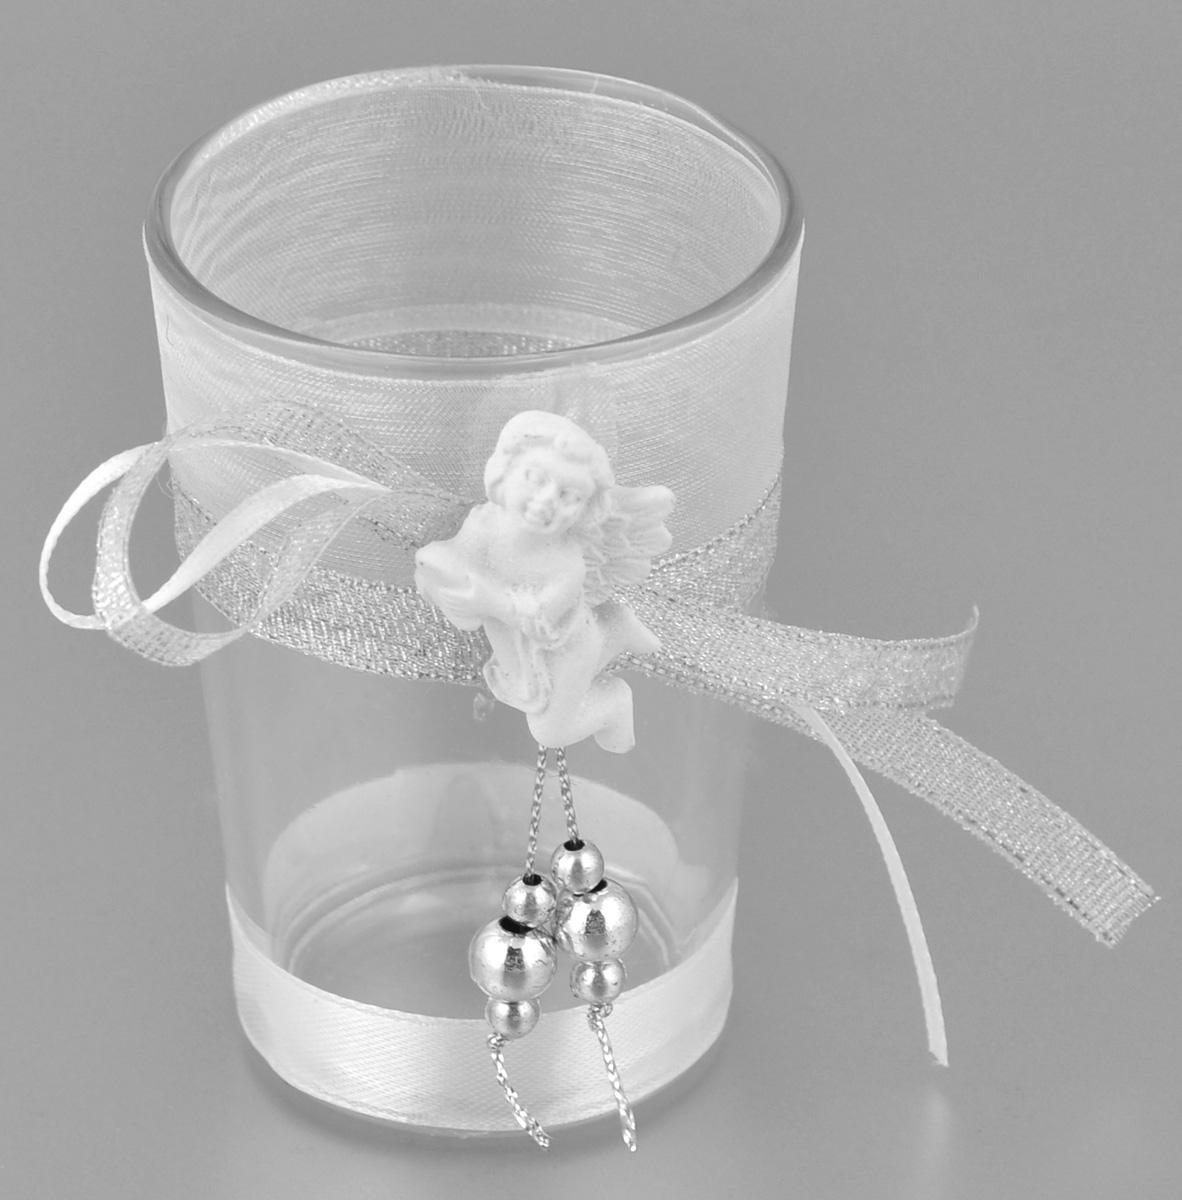 Подсвечник декоративный Феникс-презент Ангел, высота 8,5 смRG-D31SДекоративный подсвечник Феникс-презент Ангел, изготовленный из прочного стекла, декорирован фигуркой ангела и ленточкой. Такой подсвечник станет отличным выбором для тех, кто хочет сделать запоминающийся подарок родным и близким. Кроме того, он может хорошо вписаться в интерьер вашего дома или дачи.